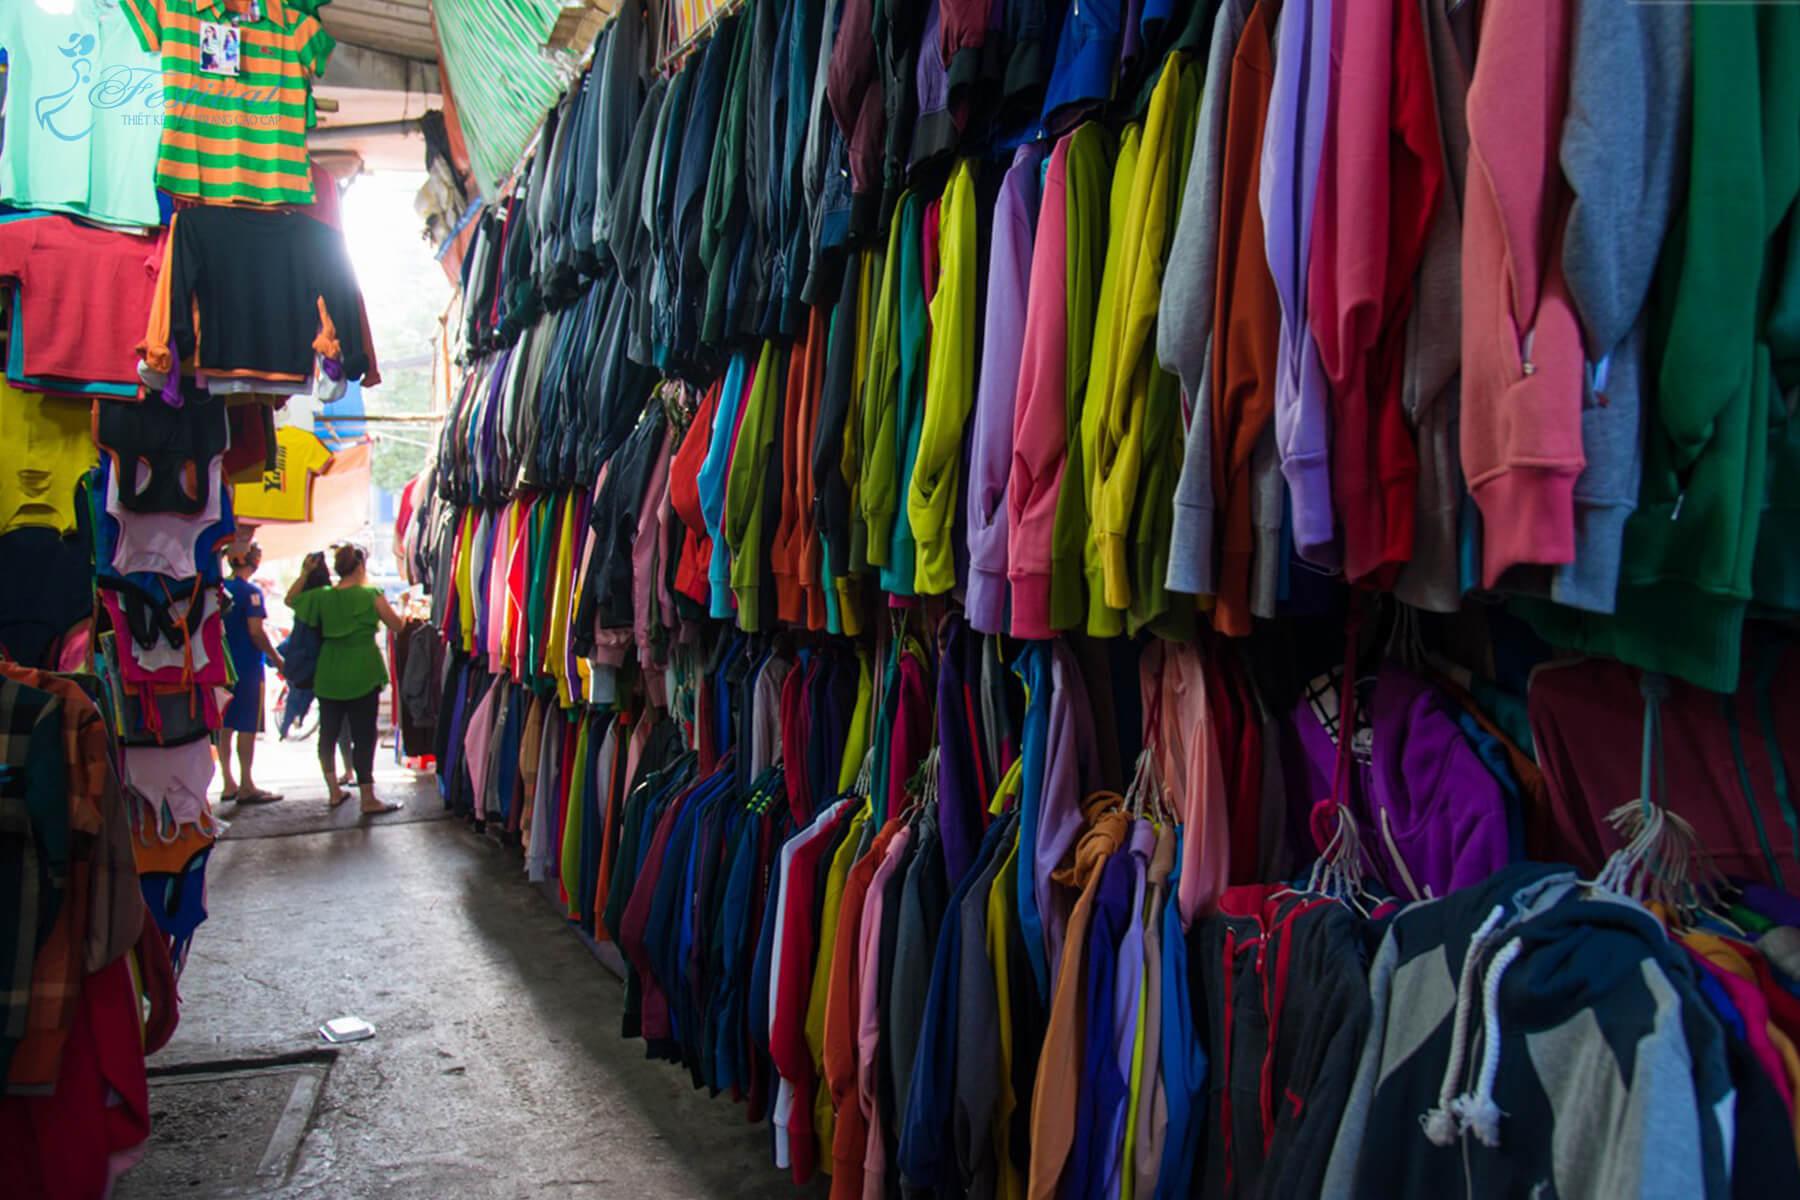 Chợ Cây Gõ hay Minh Phụng - Những địa điểm sắm đồ Tết lý tưởng ở Sài Gòn